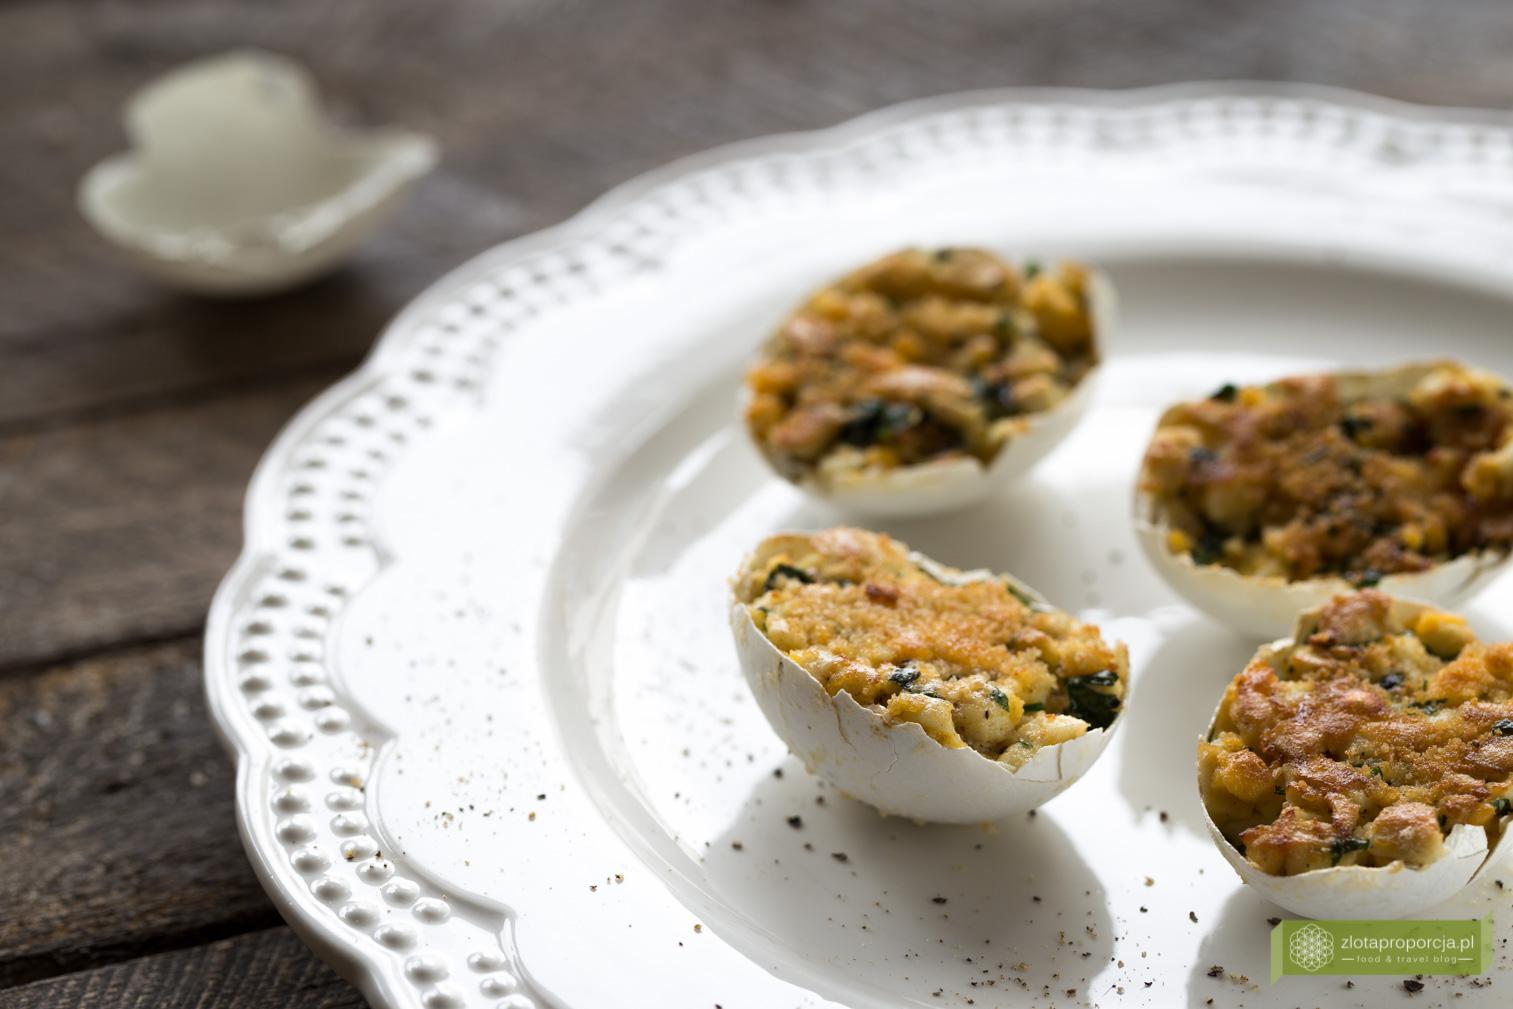 jajka faszerowane w skorupkach-3866